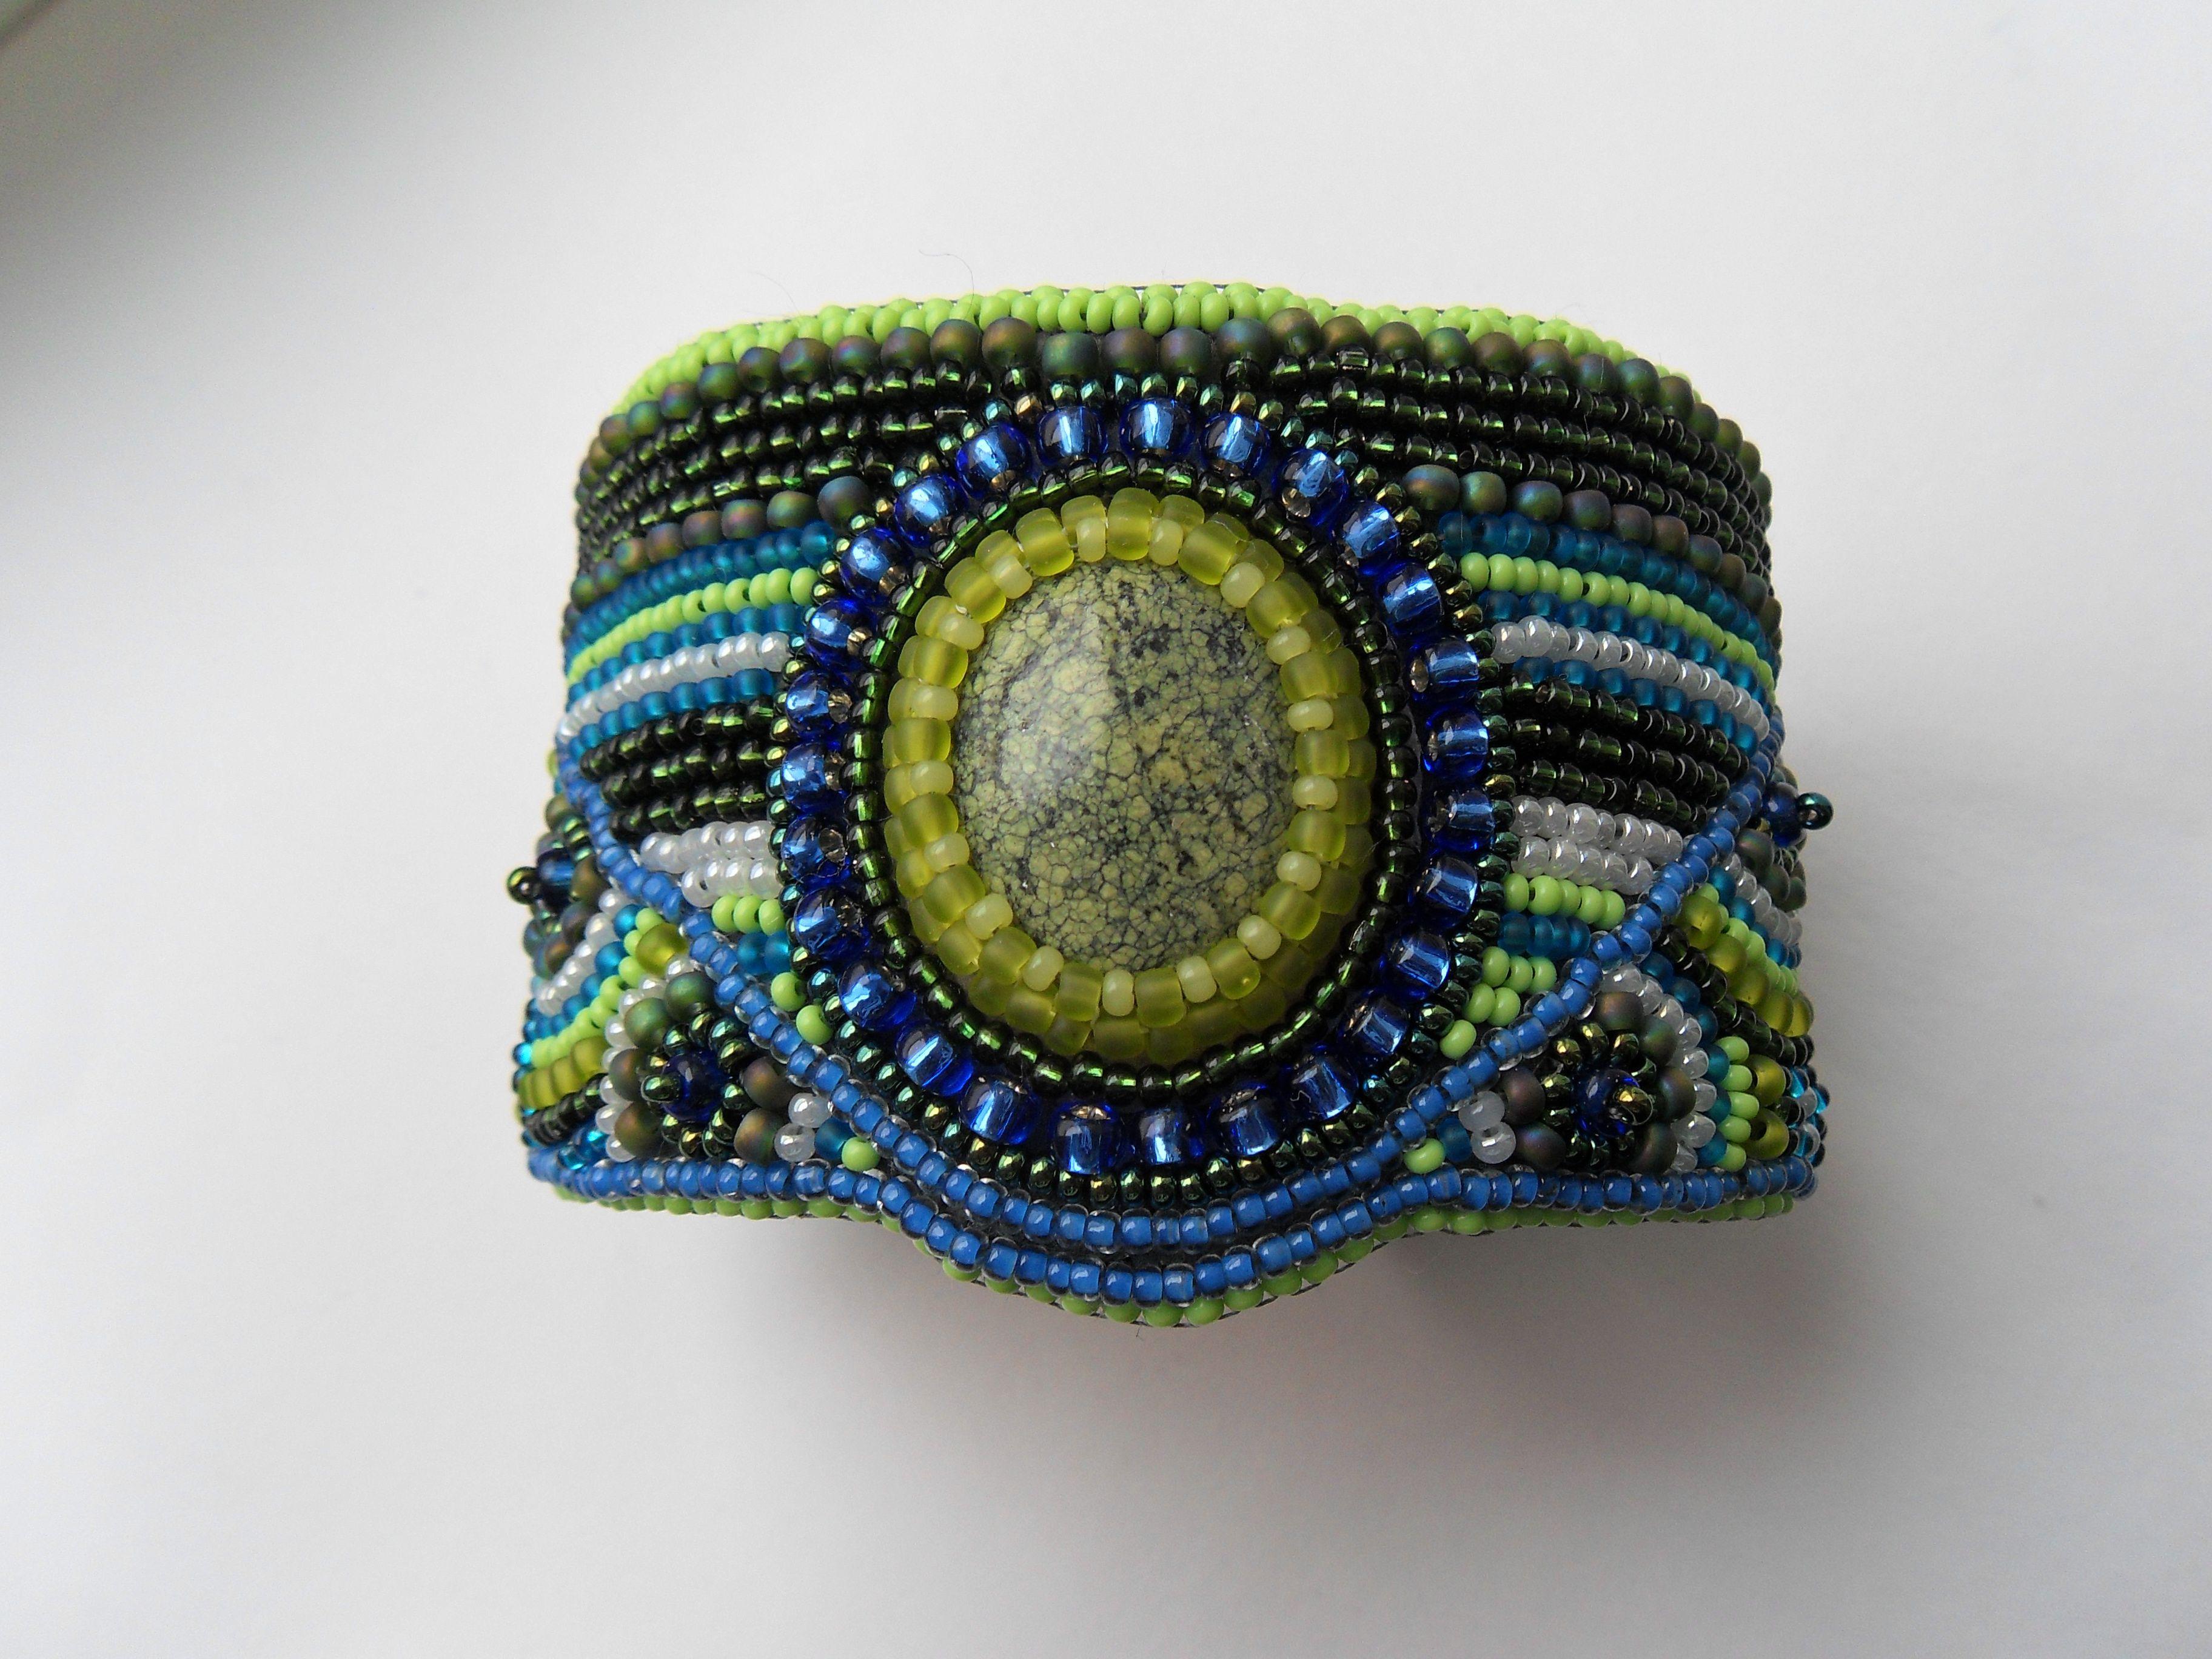 змеевик вышивкабисером аленаэир украшение купитьбраслет купить браслет подарок